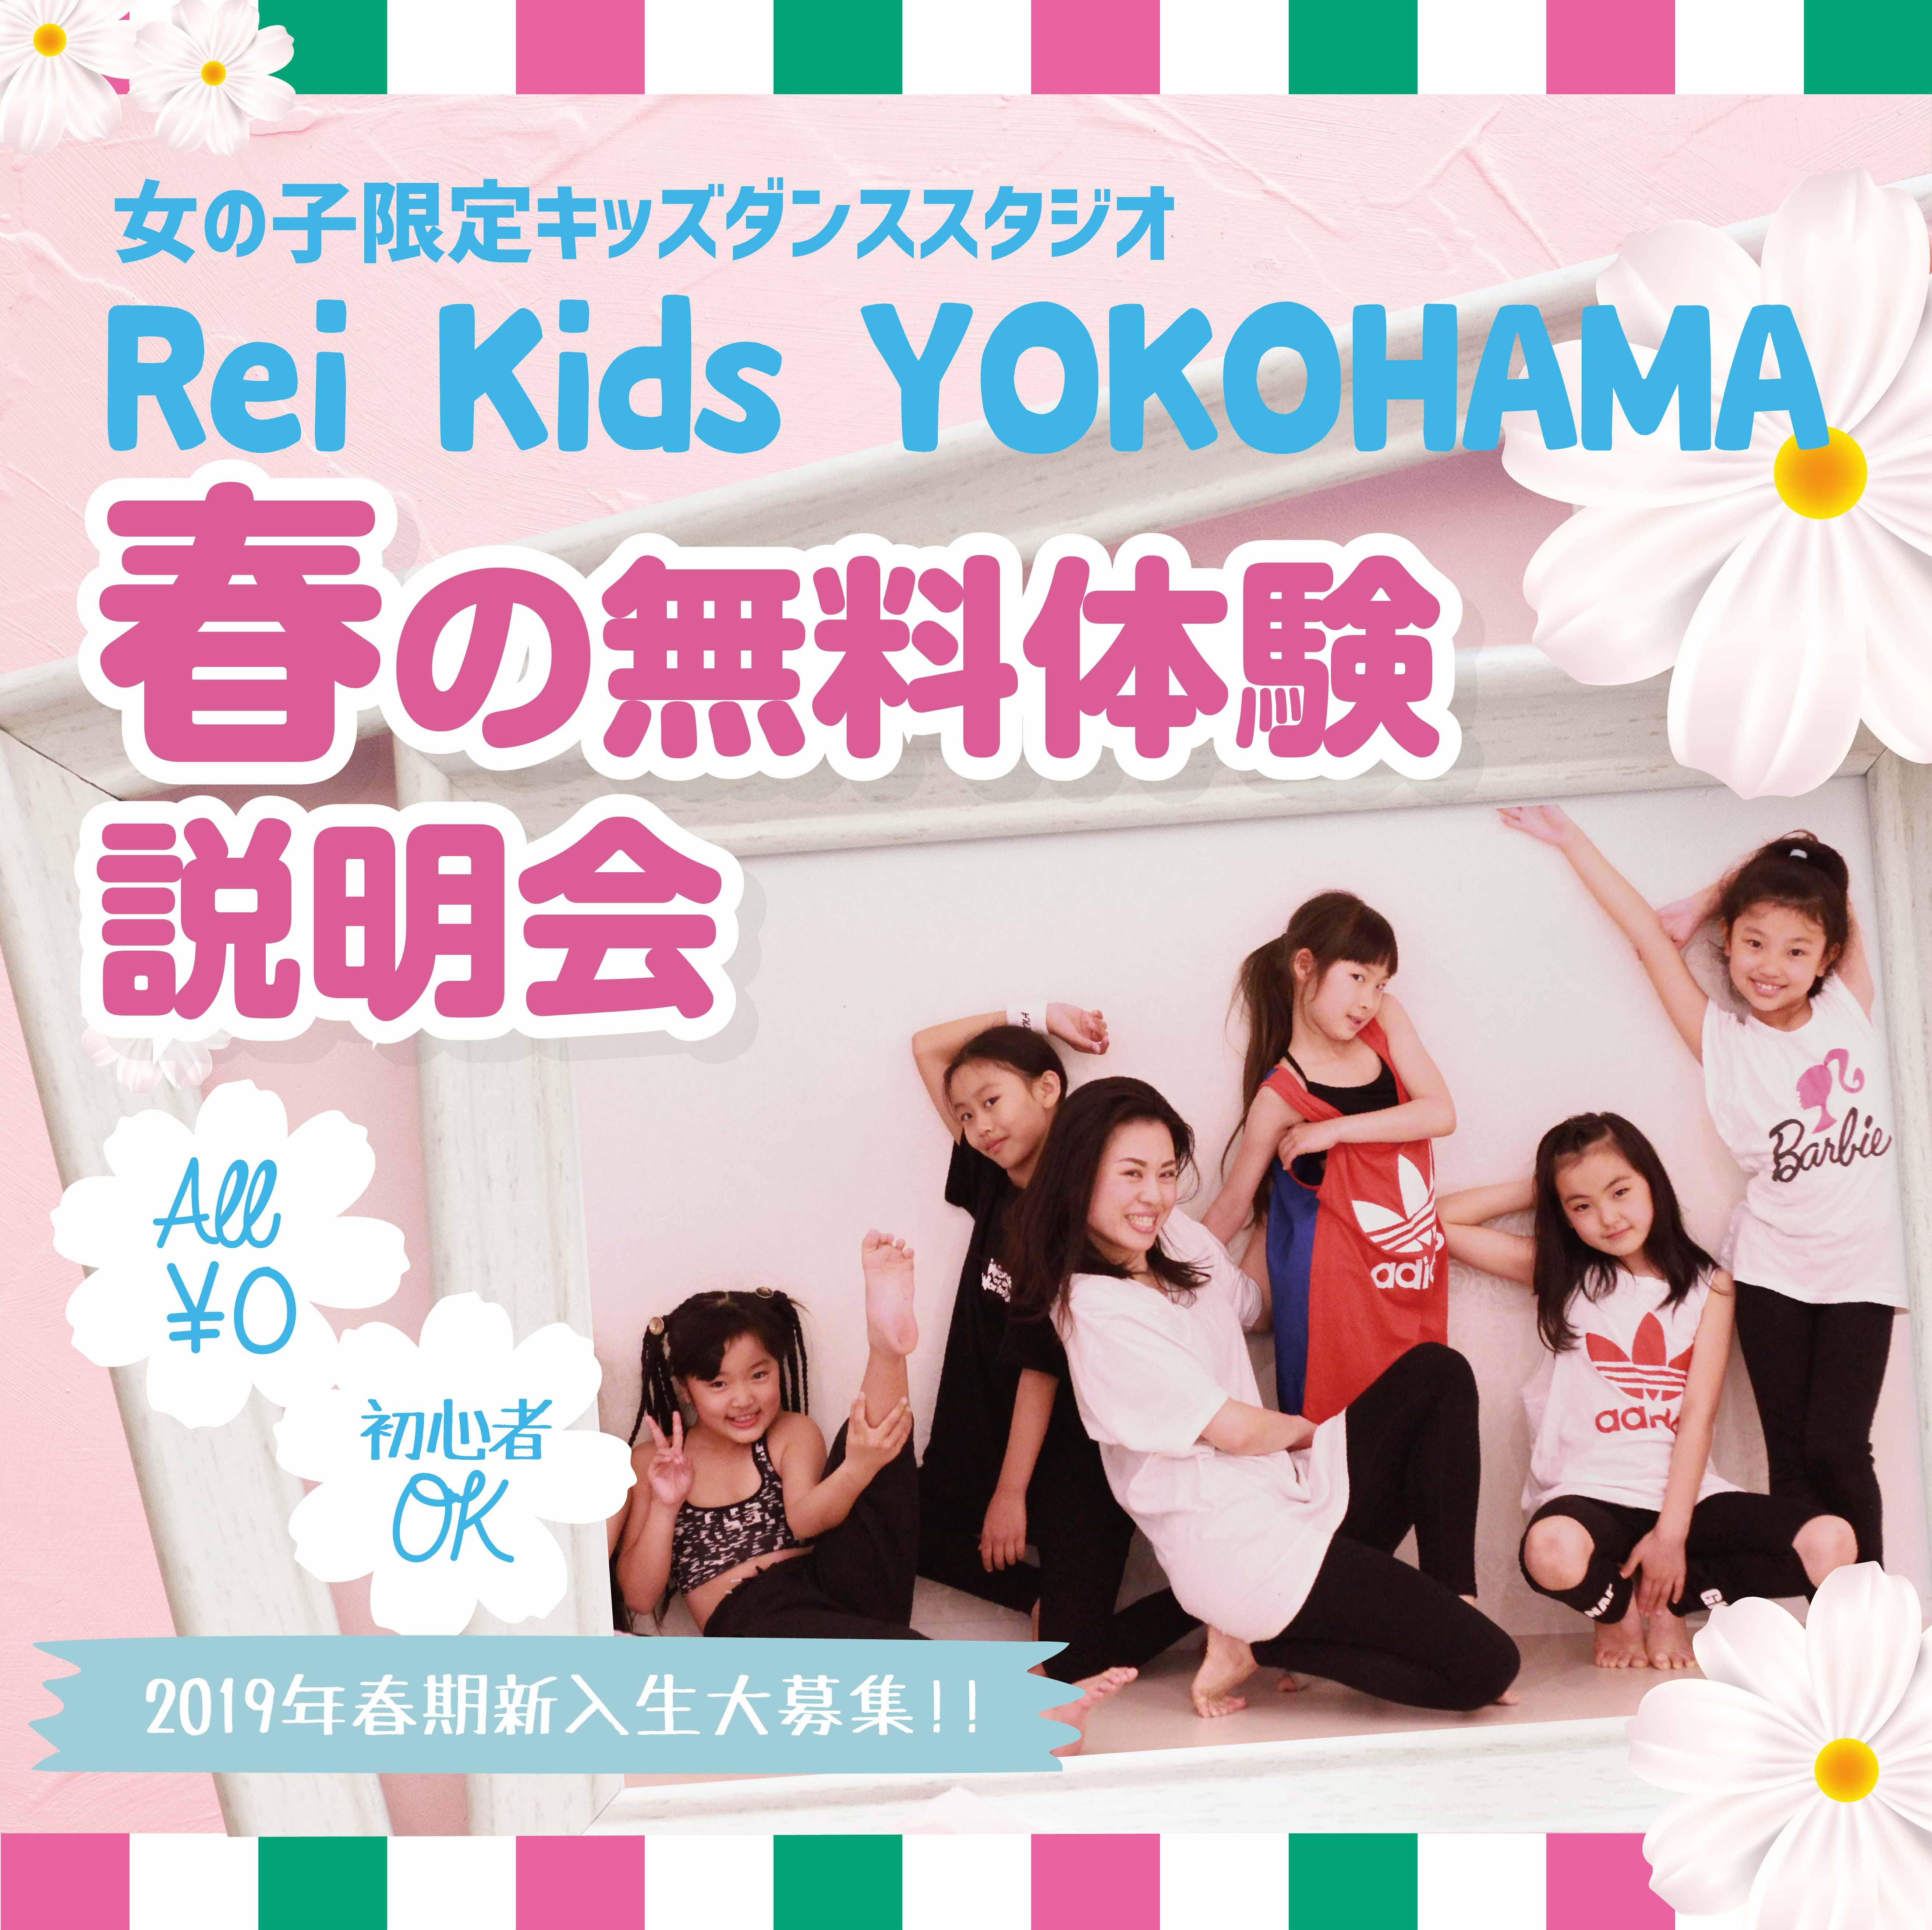 ダンスを始めたい女の子限定!Rei Kids【春の無料体験説明会】開催決定!!